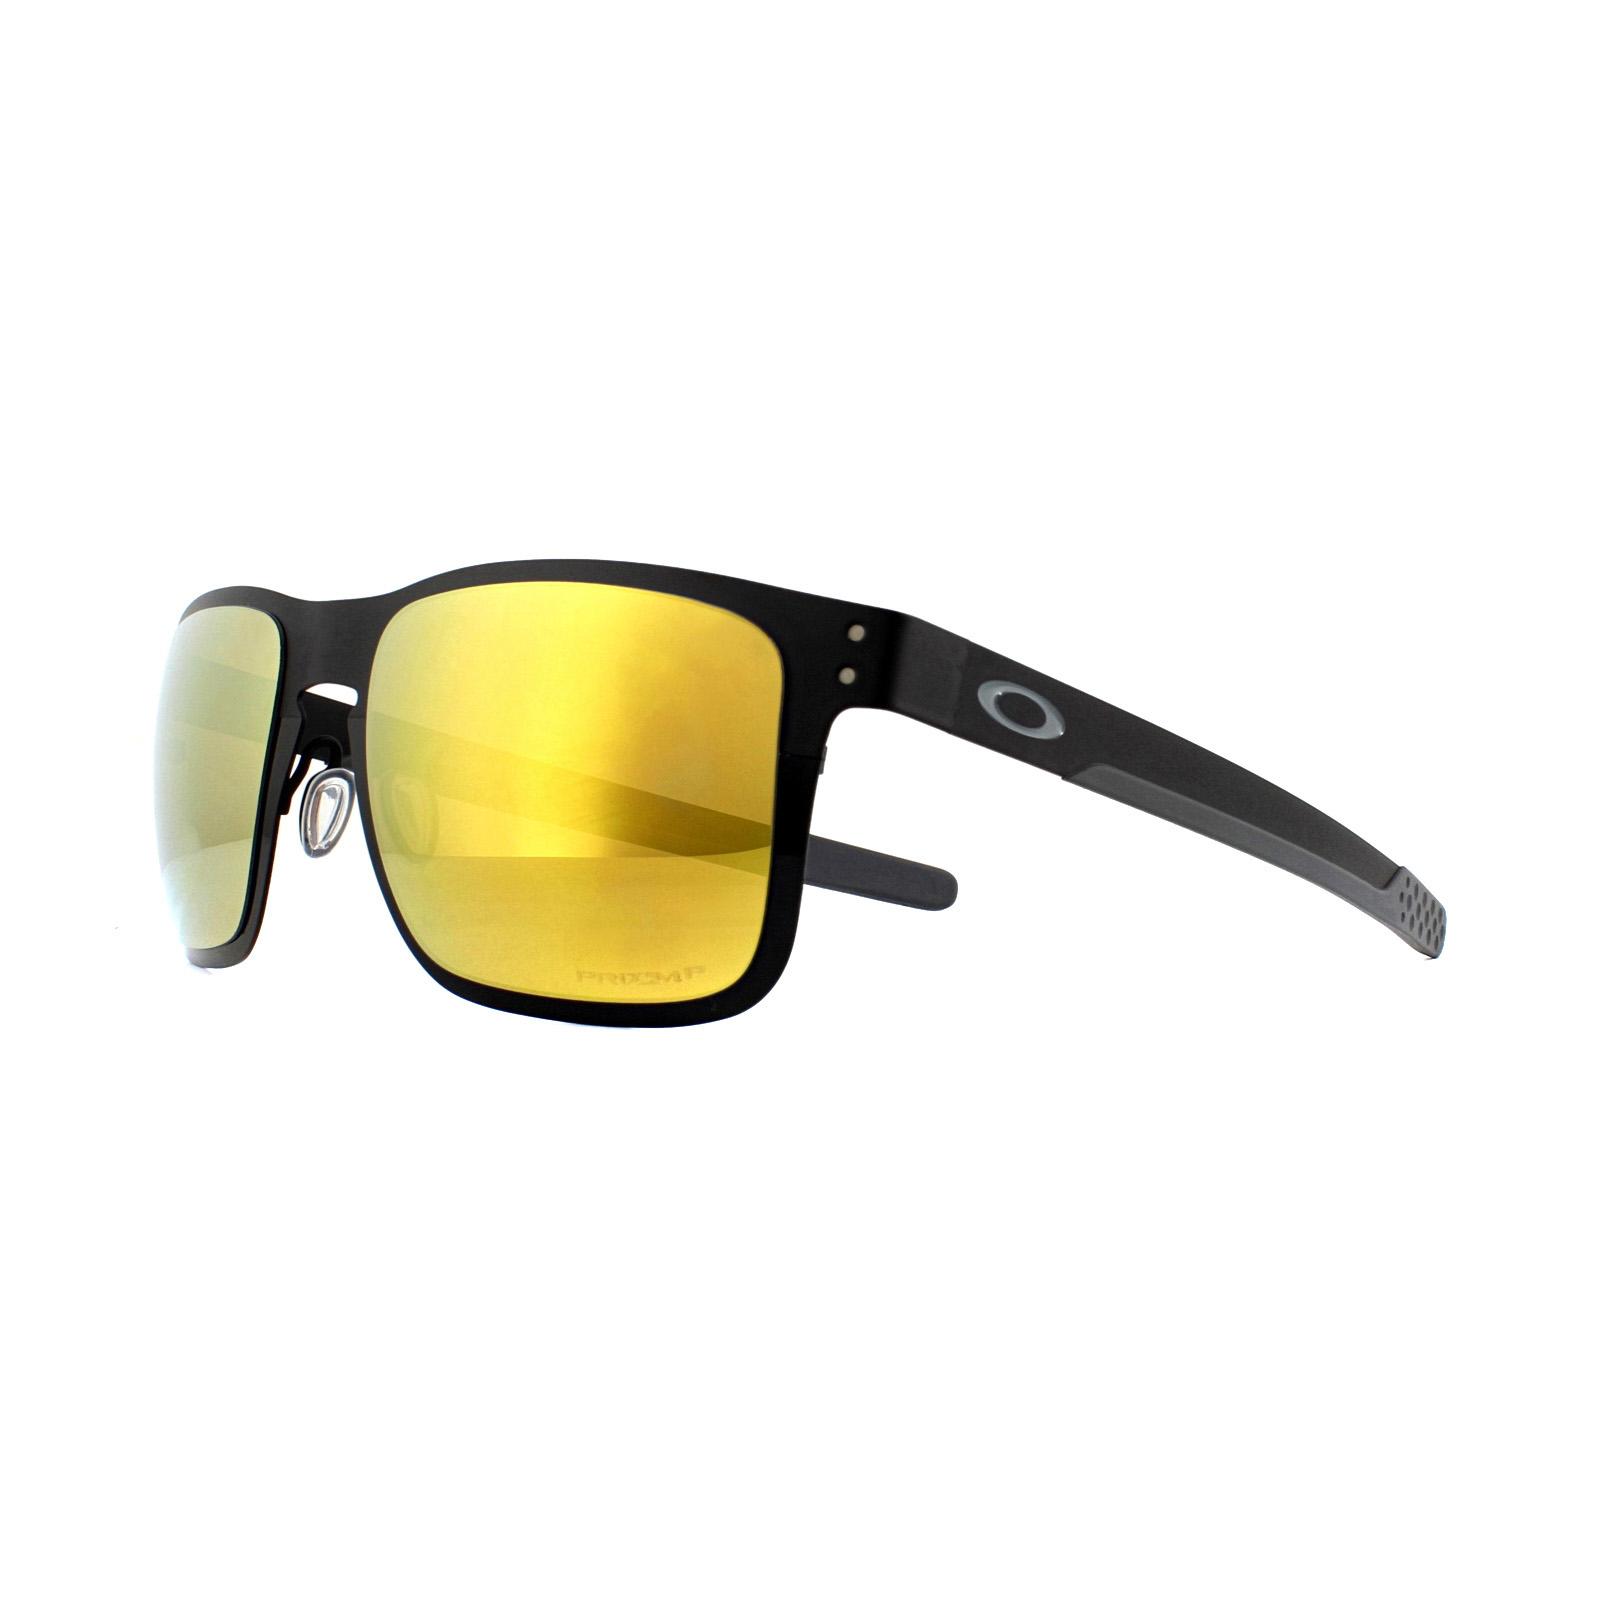 af7c58ceb1 Oakley Sunglasses Holbrook Metal OO4123-20 Polished Black Prizm 24K ...